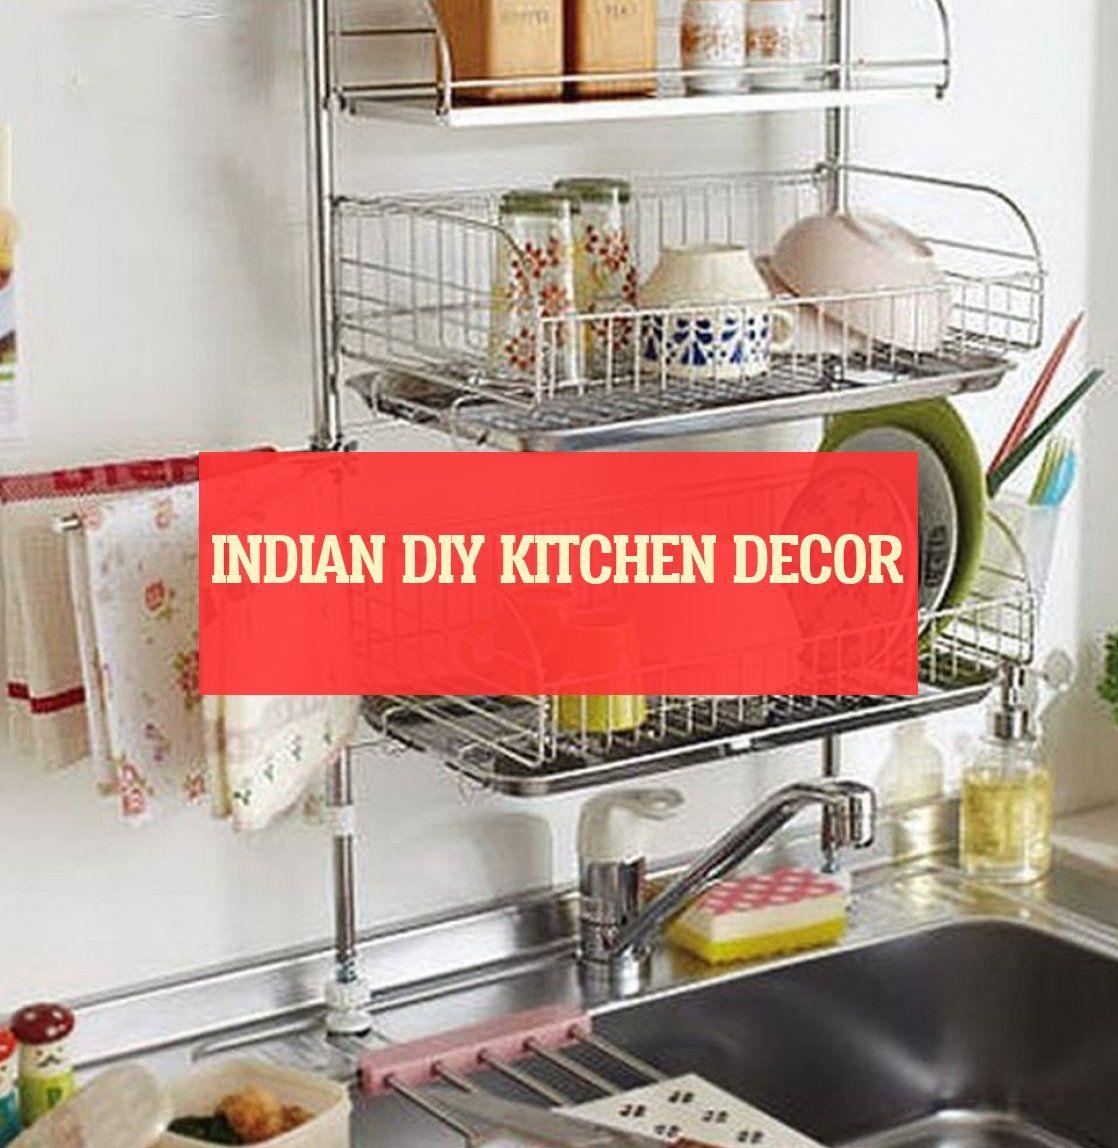 Indian diy kitchen decor ; indische diy küche dekor #Indian ...